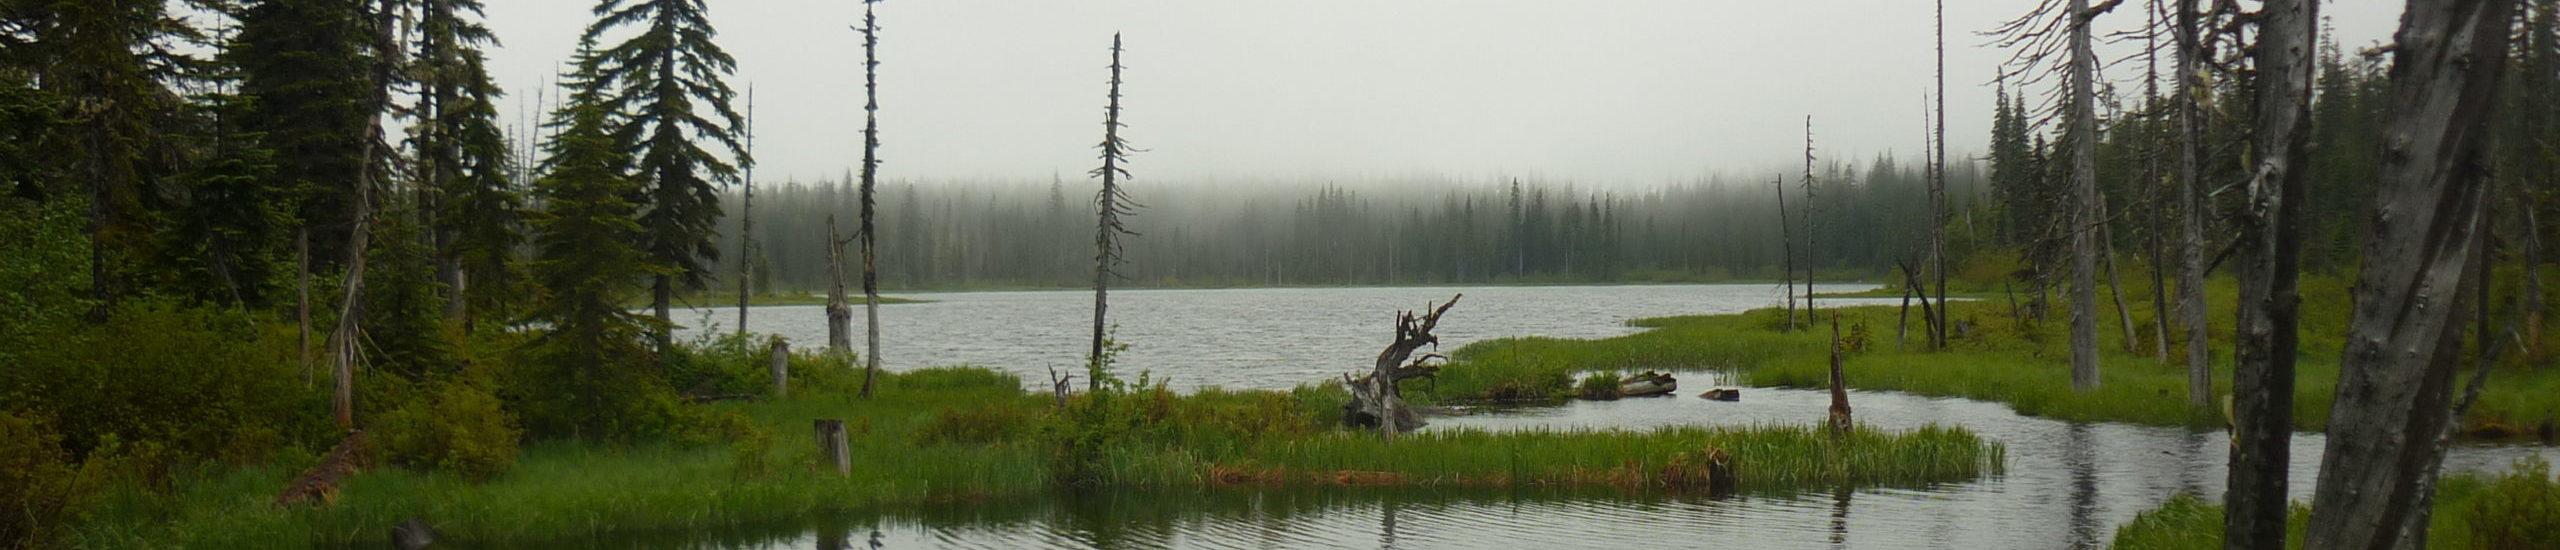 PNW Lake